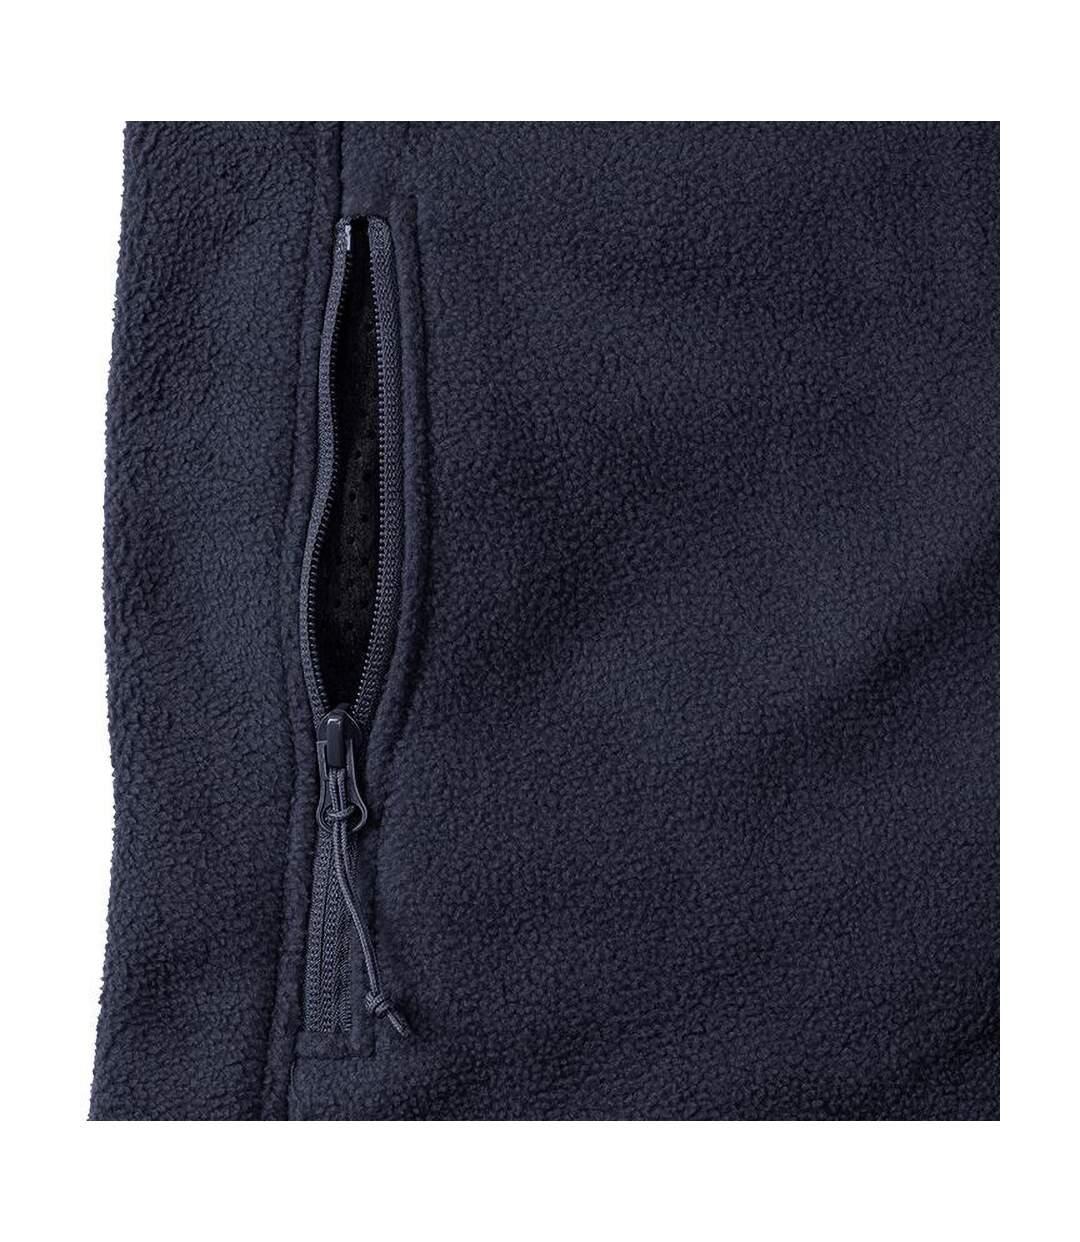 Russell Jerzees Colours - Veste polaire à fermeture zippée - Homme (Bleu marine) - UTBC575